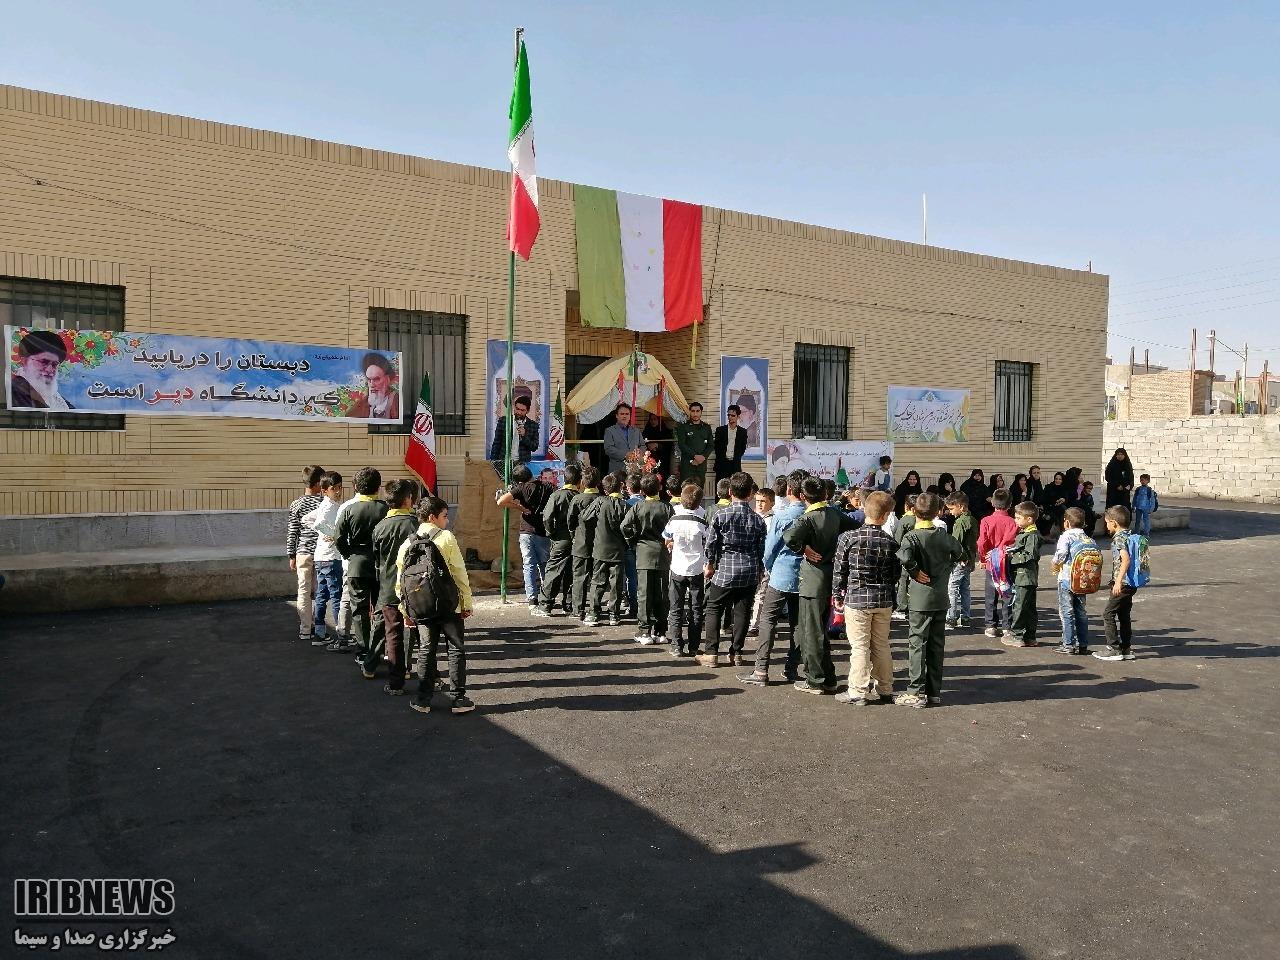 افتتاح سالن ورزشی شهید بصیری پور در نهبندان